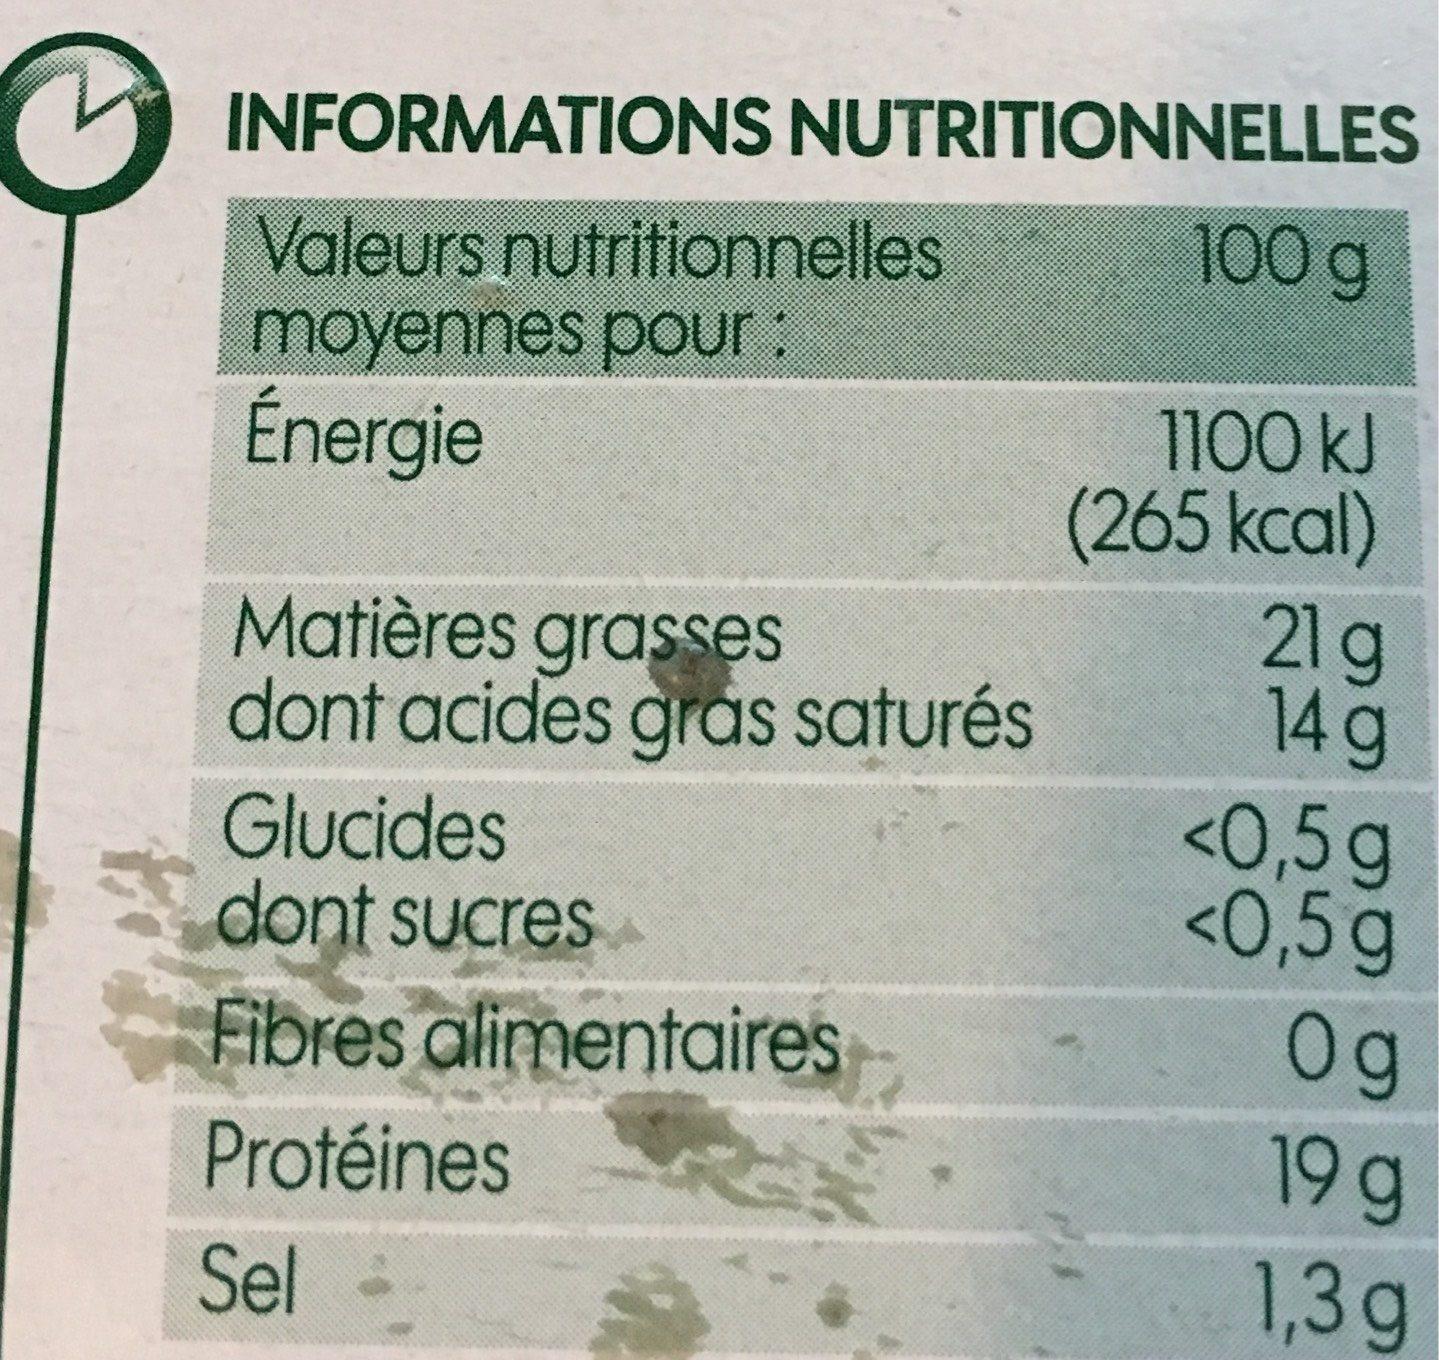 Camembert au lait pasteurisé 21% Mat. Gr. - Informations nutritionnelles